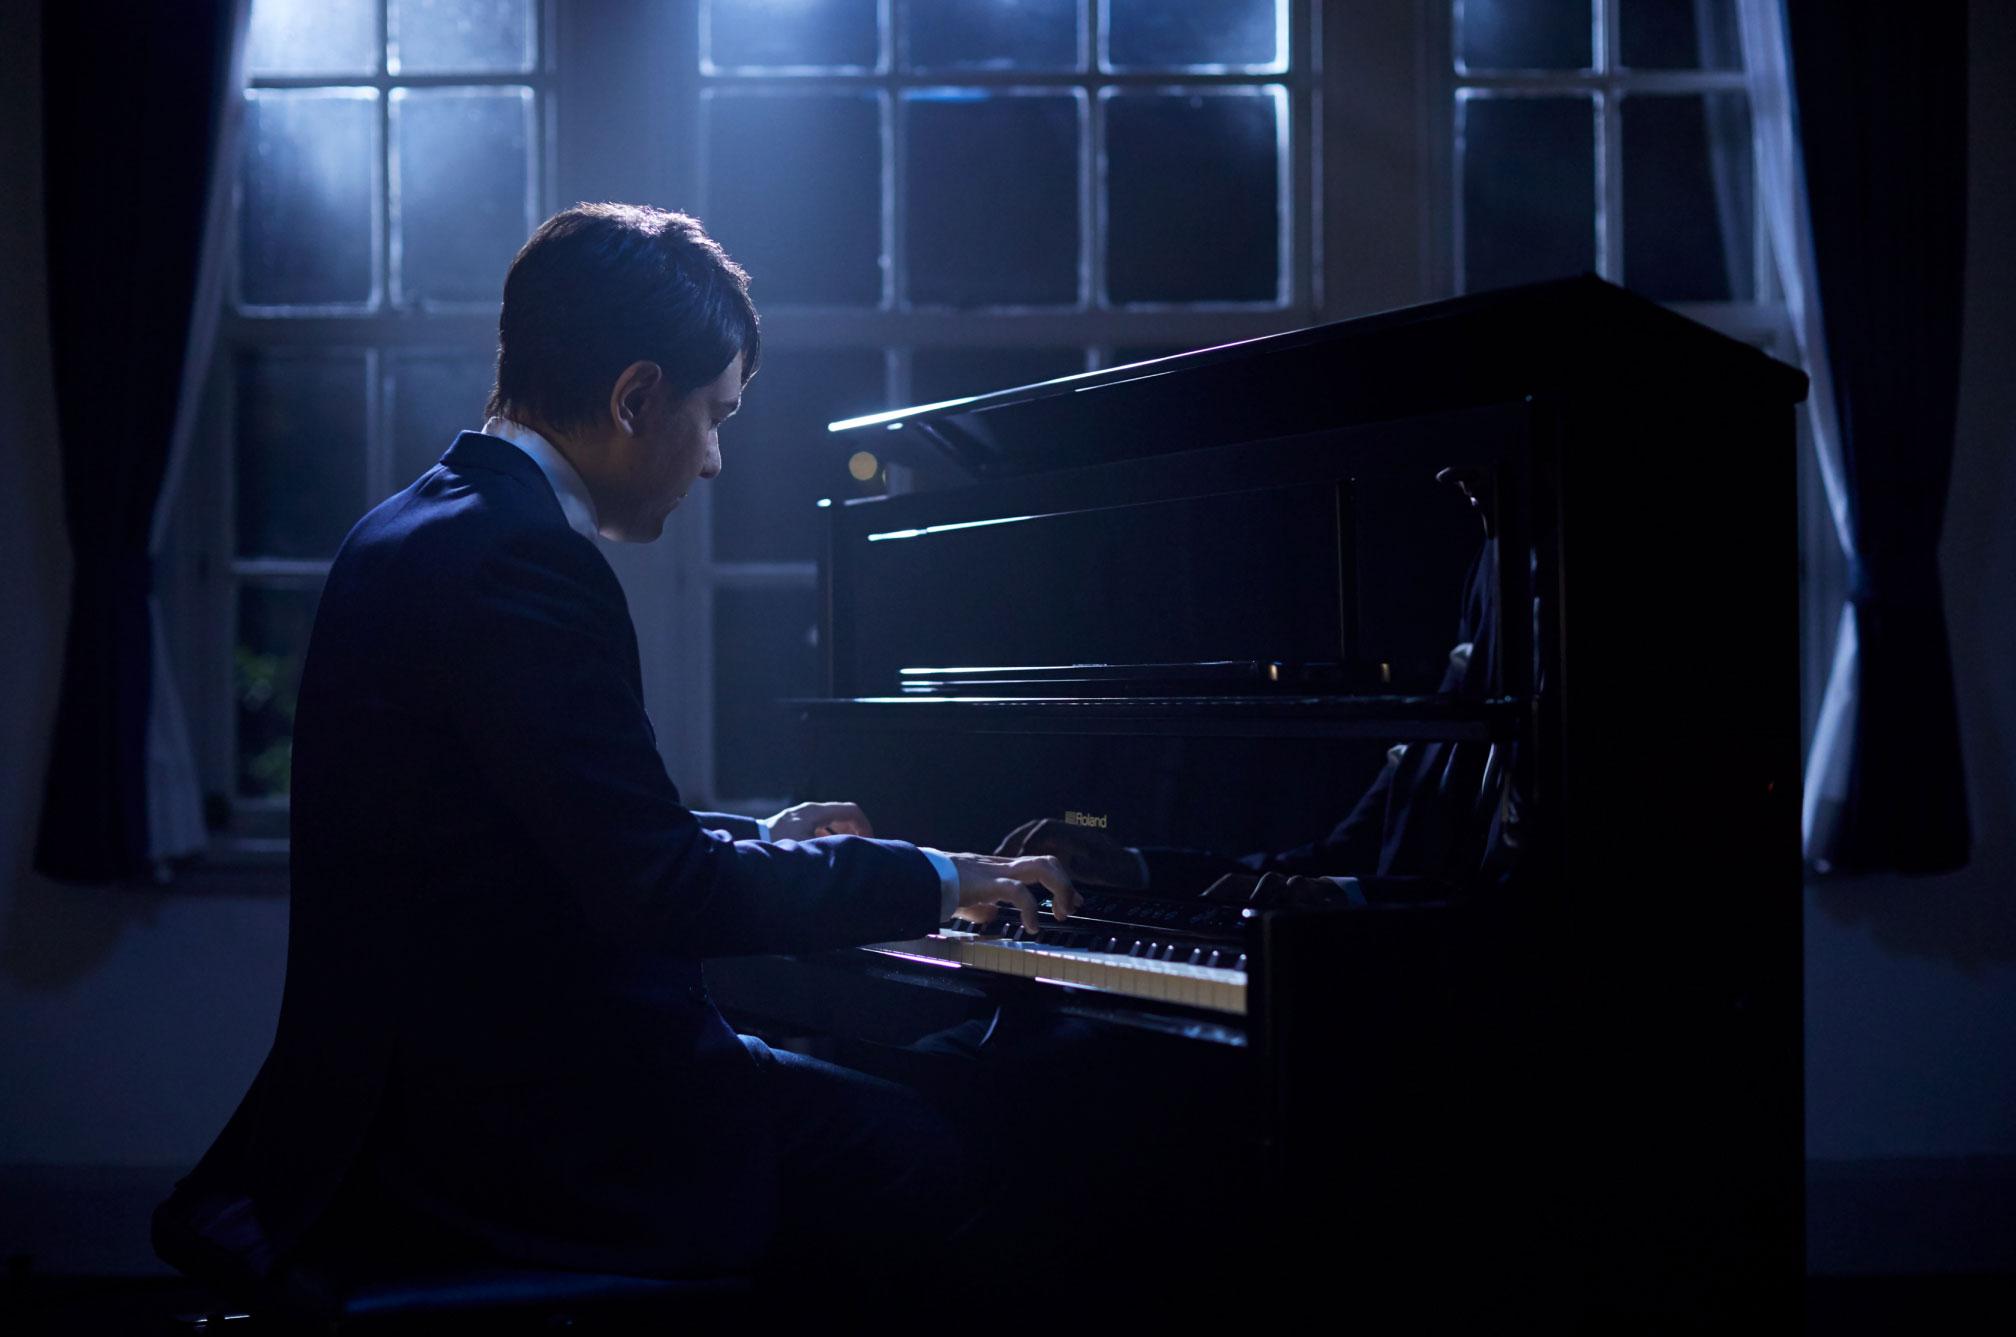 roland lx708 premium digital piano